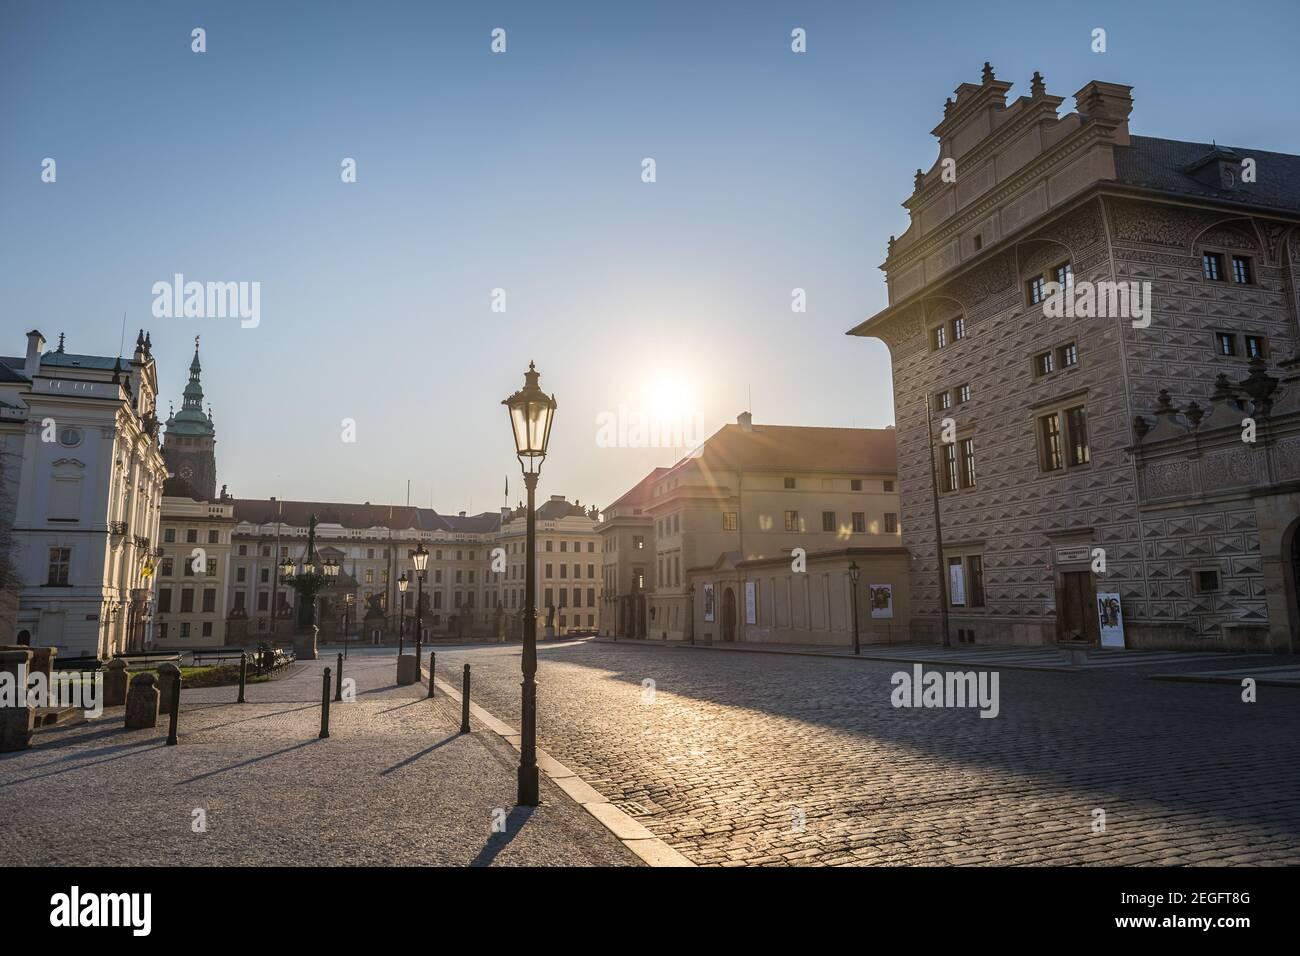 PRAGUE, RÉPUBLIQUE TCHÈQUE - AVRIL 2020 : place Hradcanske, Palais de l'Archevêque et Château de Prague. Pas de plaide, personne Banque D'Images